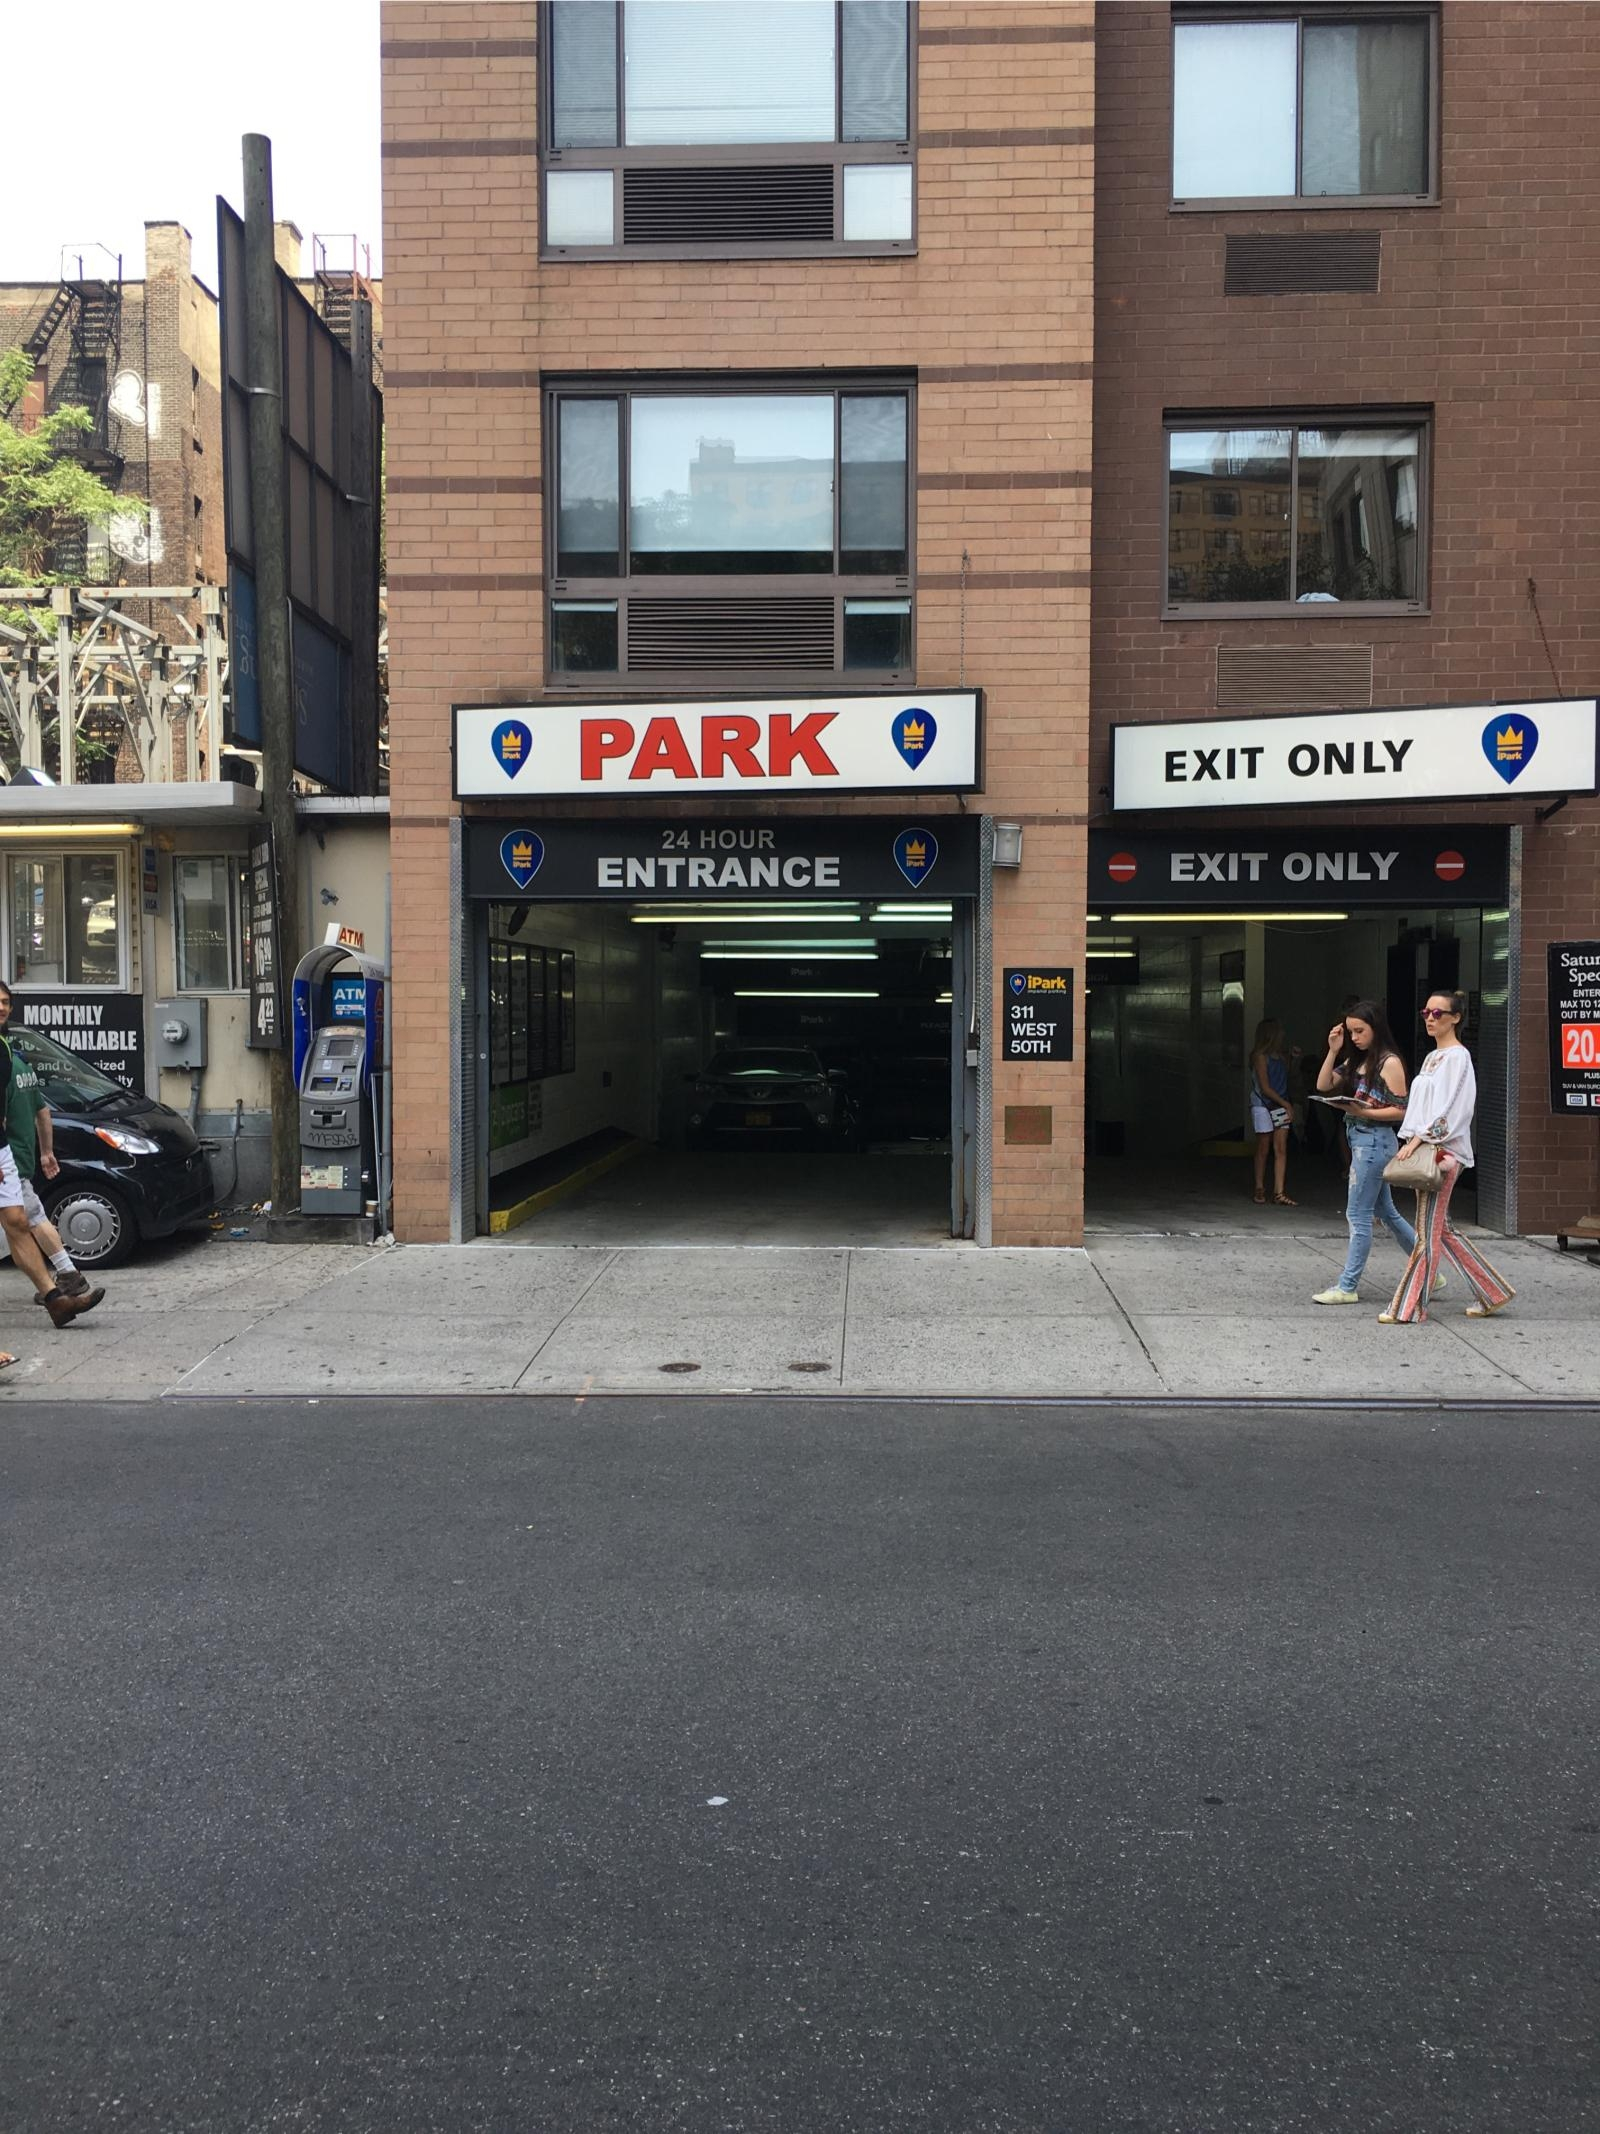 317 W 50th St Garage Parking In New York Parkme